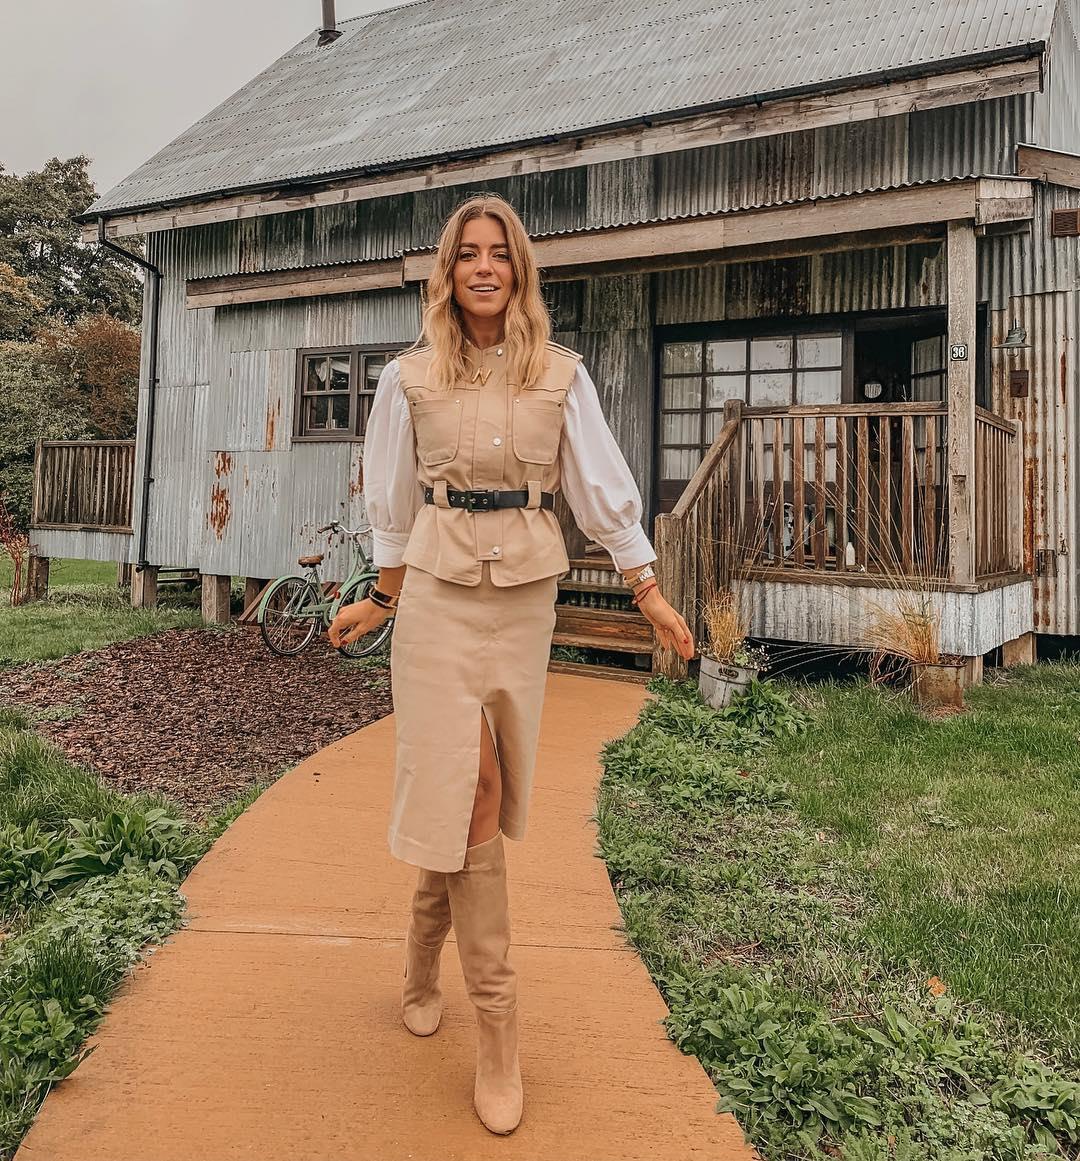 Botas y botines mujer vistas en Instagram: las más de moda